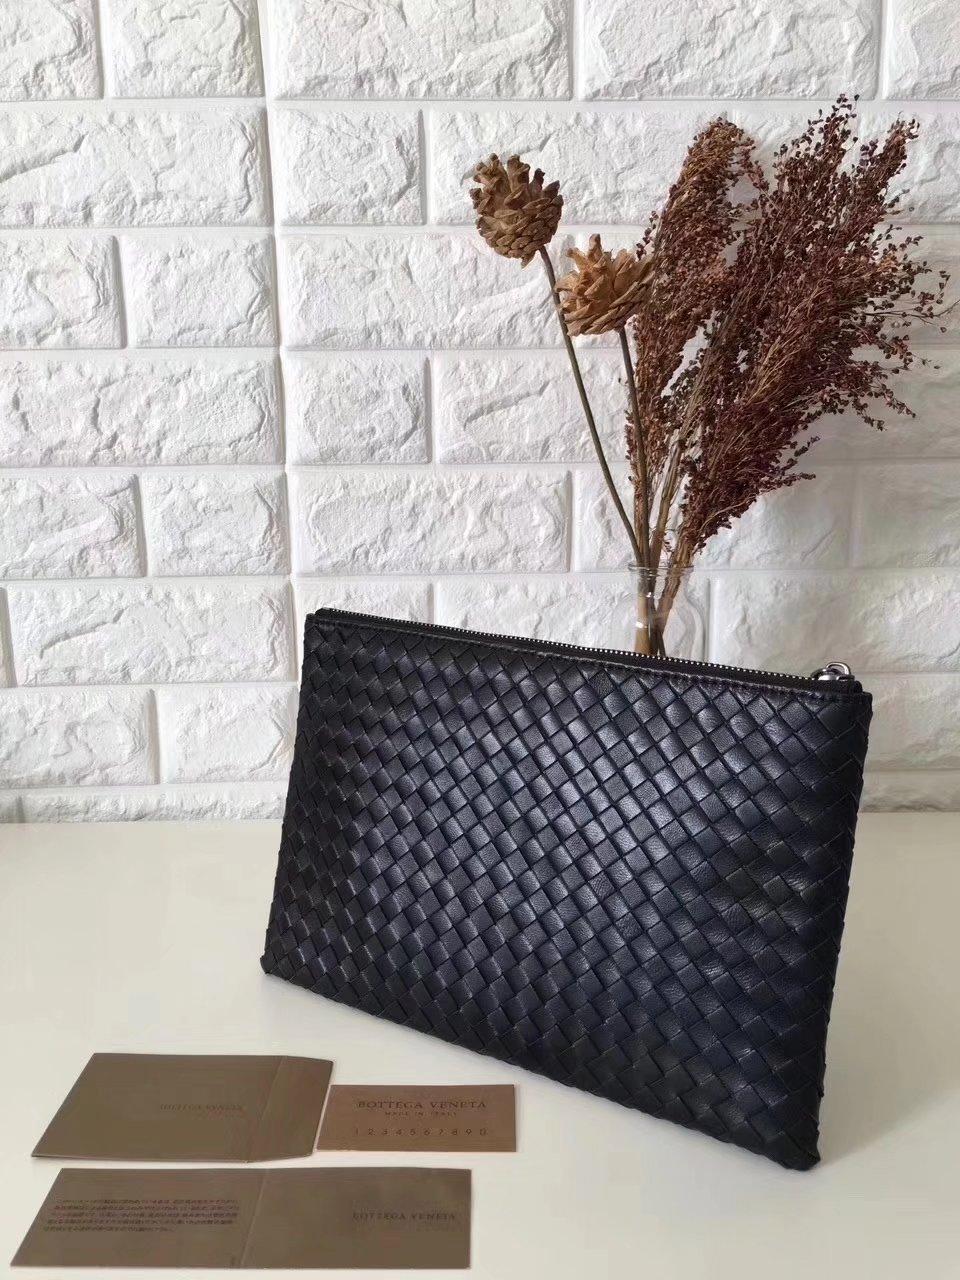 Bottega Veneta Women Leather Clutch Black